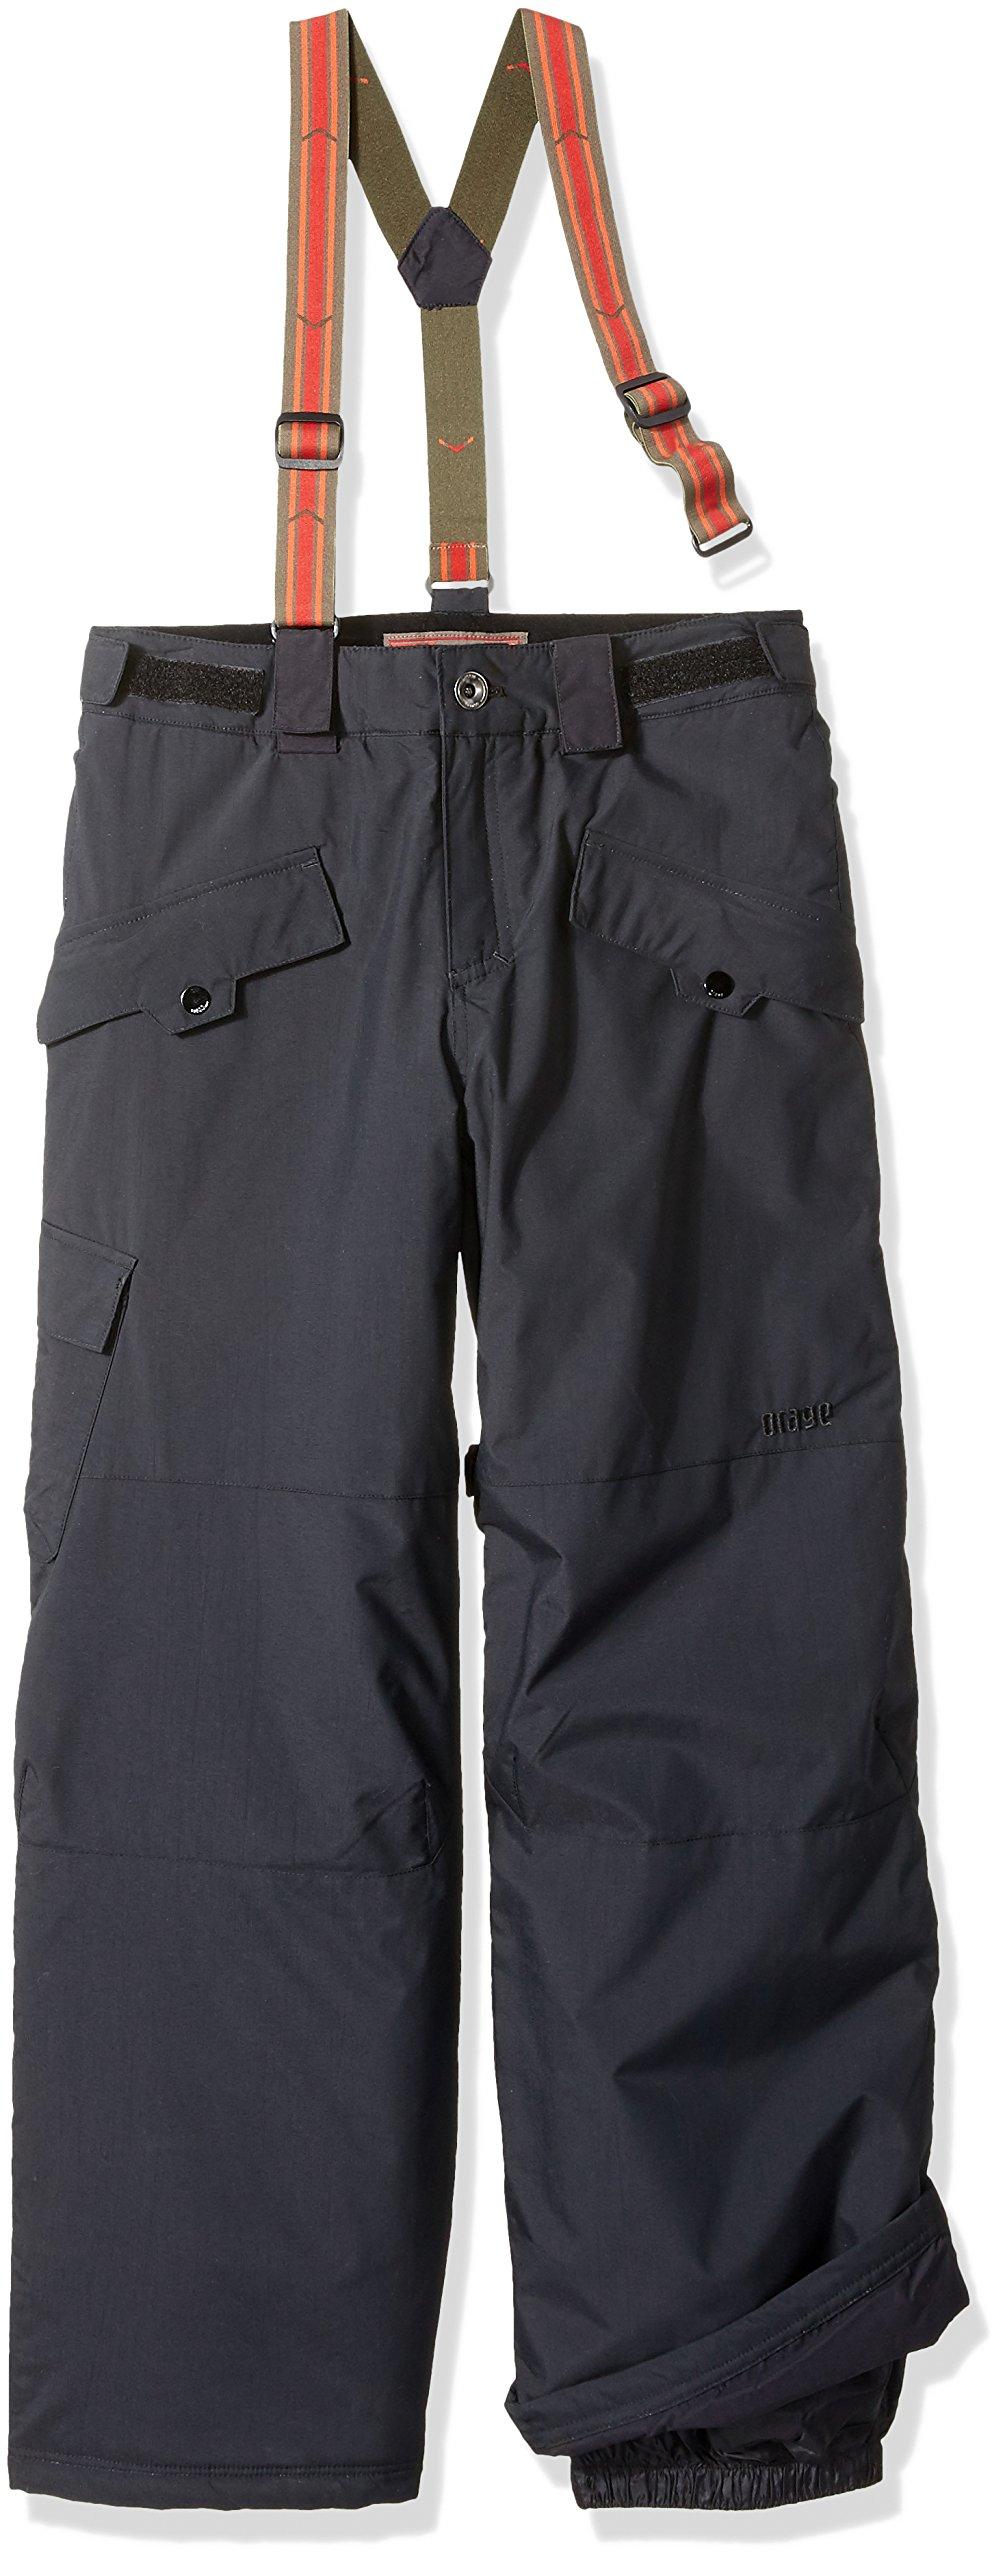 orage Boys Jimmy Pants, Black, Size 14/X-Large